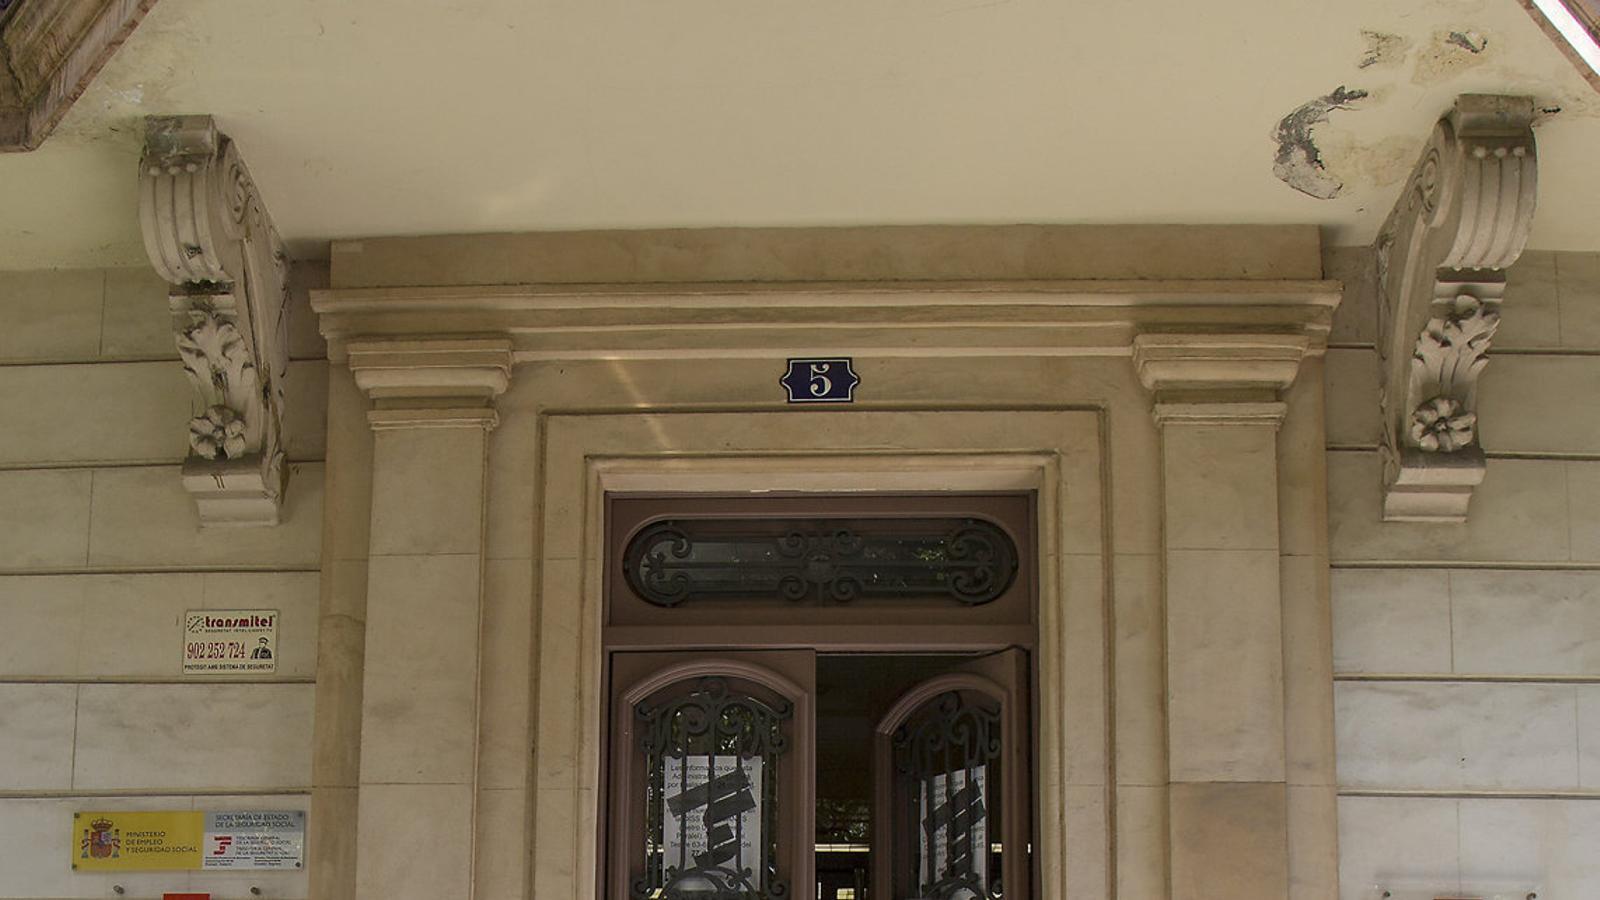 La seguretat social tanca el 50 d oficines a barcelona for Oficines seguretat social barcelona